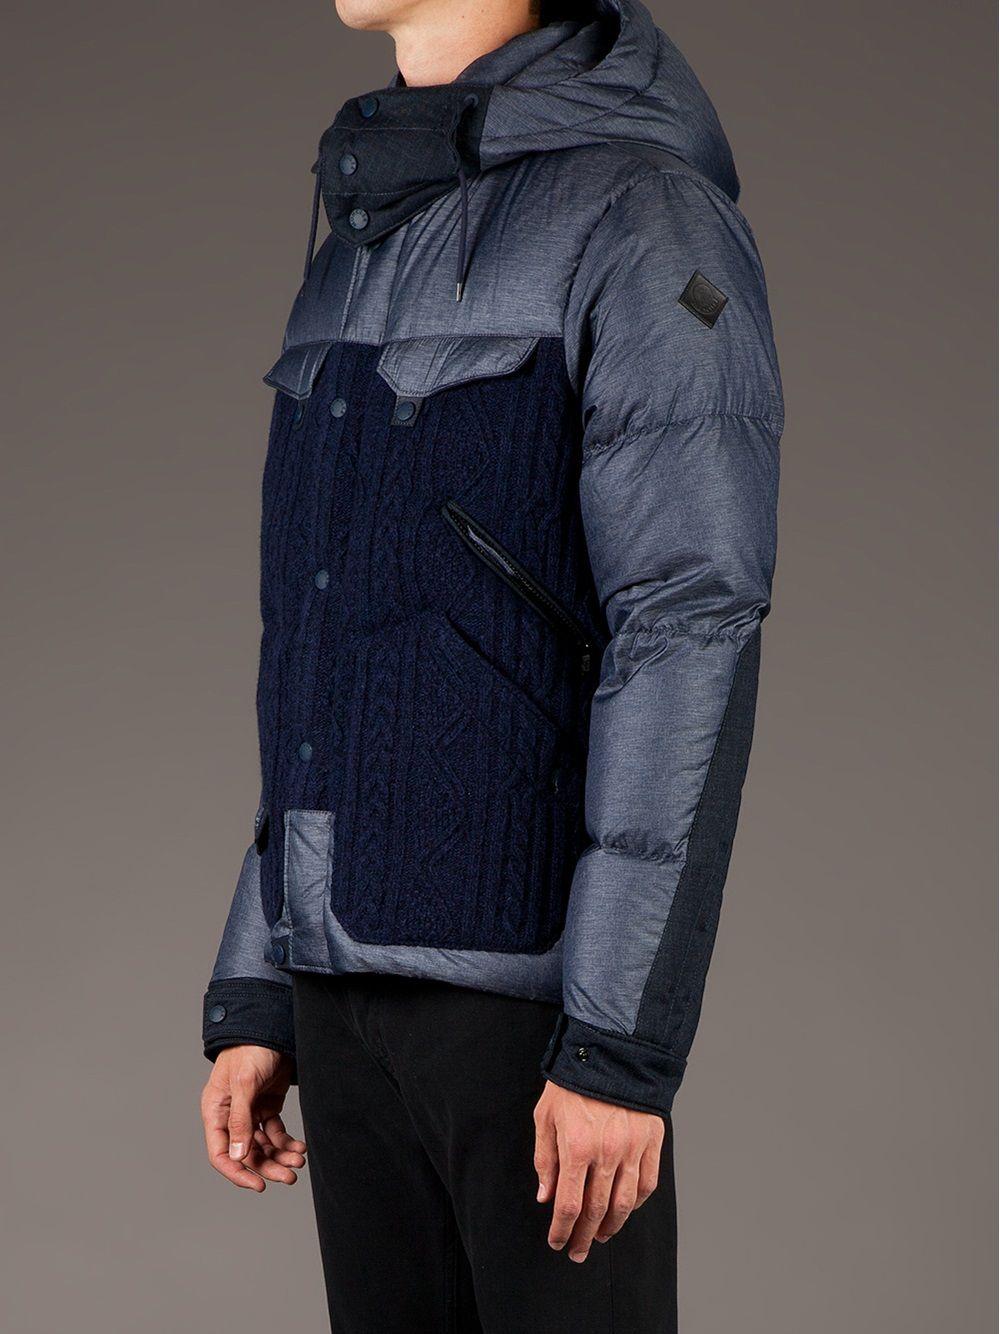 moncler w albemarle jacket mens style designer